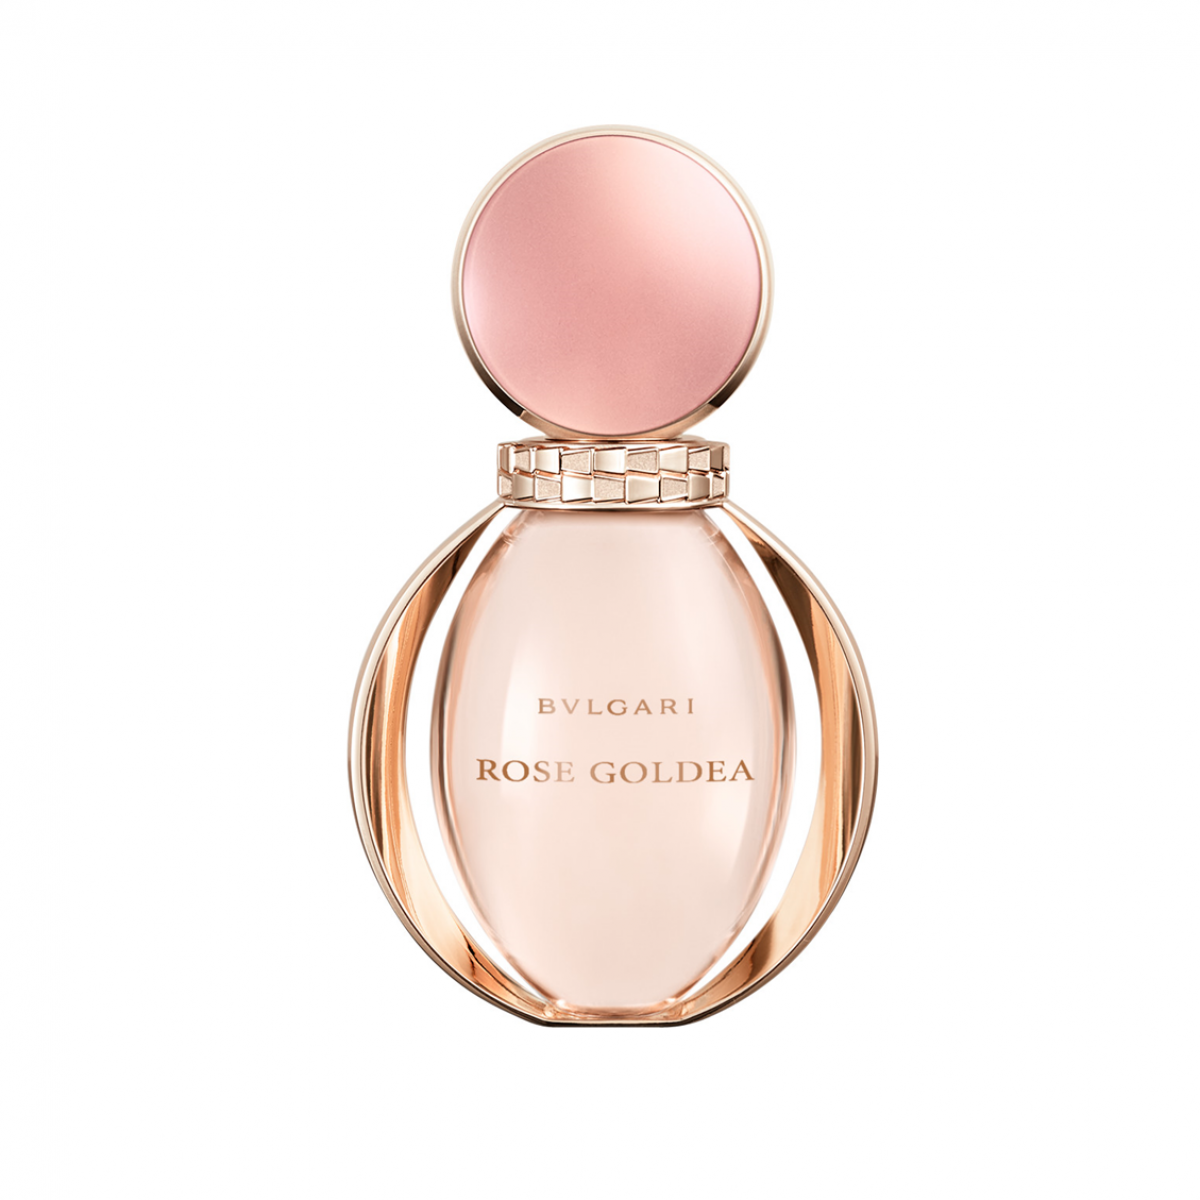 Rose Goldea Eau de Parfum